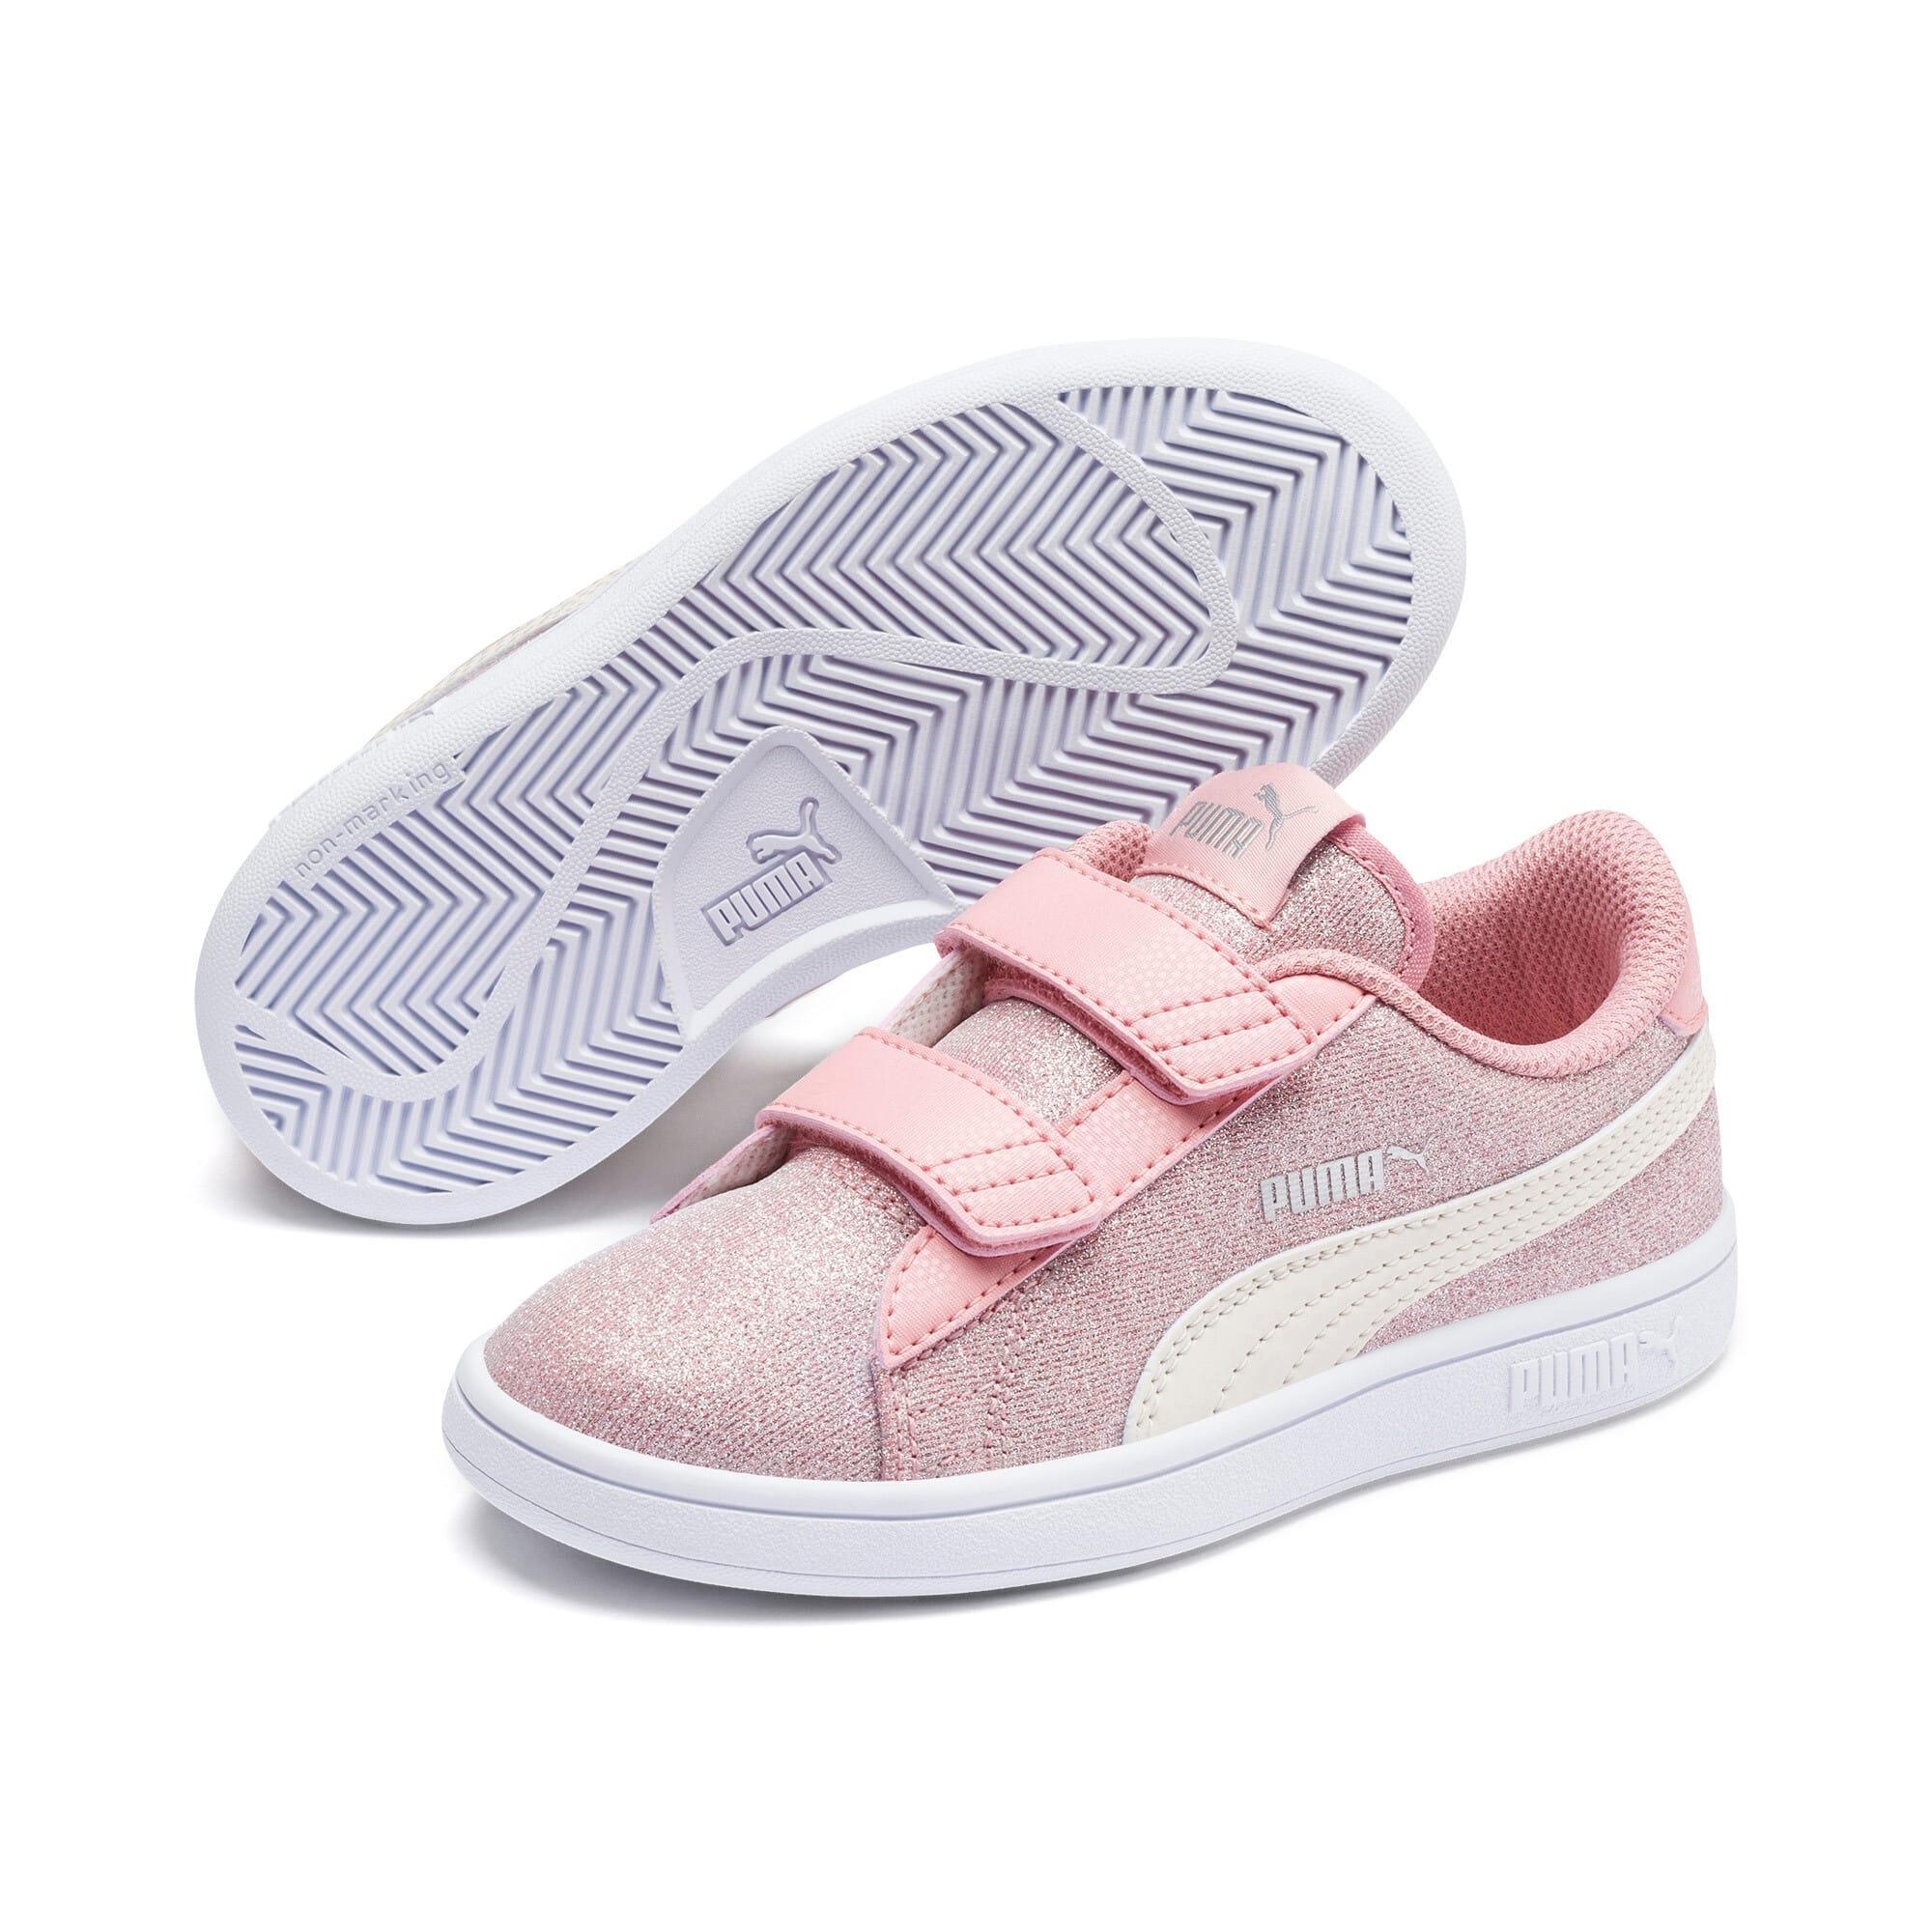 Thumbnail 2 of PUMA Smash v2 Glitz Glam Kids Mädchen Sneaker, B Rose-P Parchment-Silv-Wht, medium